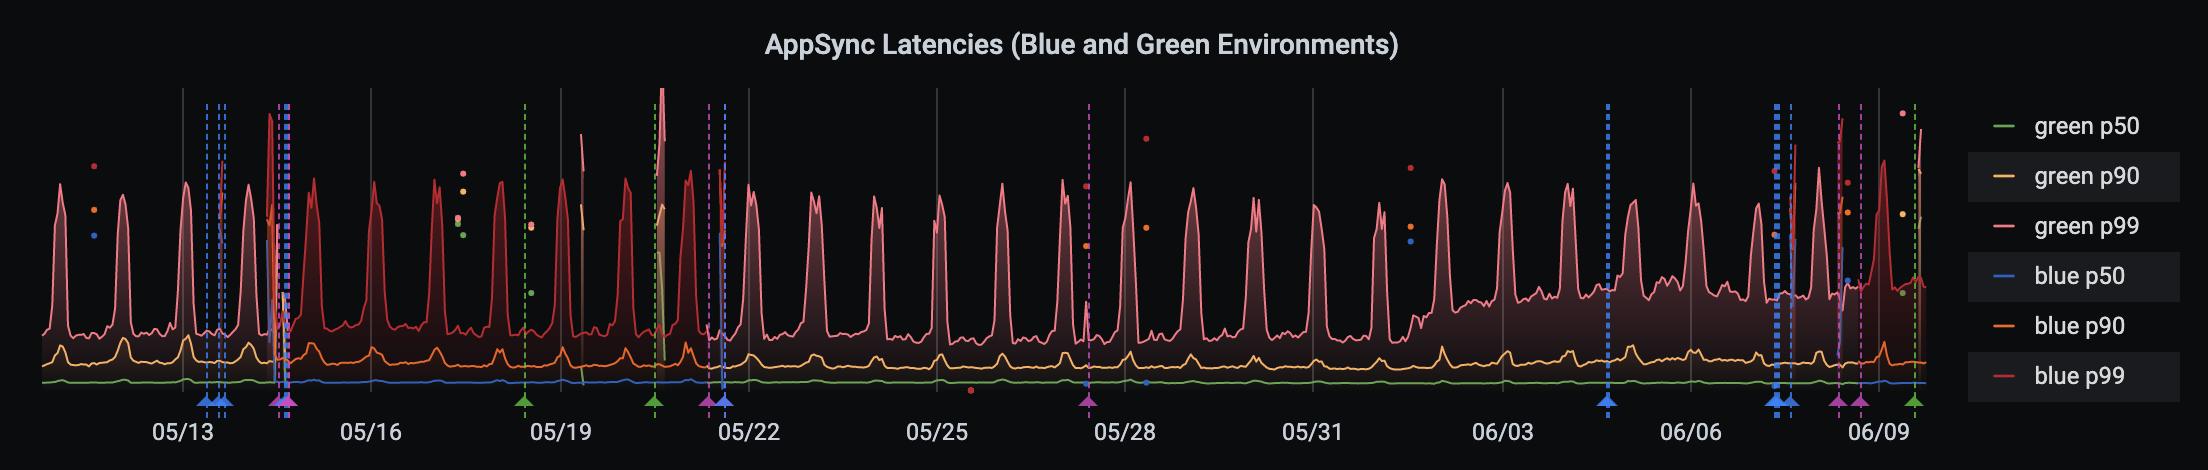 grafana example appsync latencies